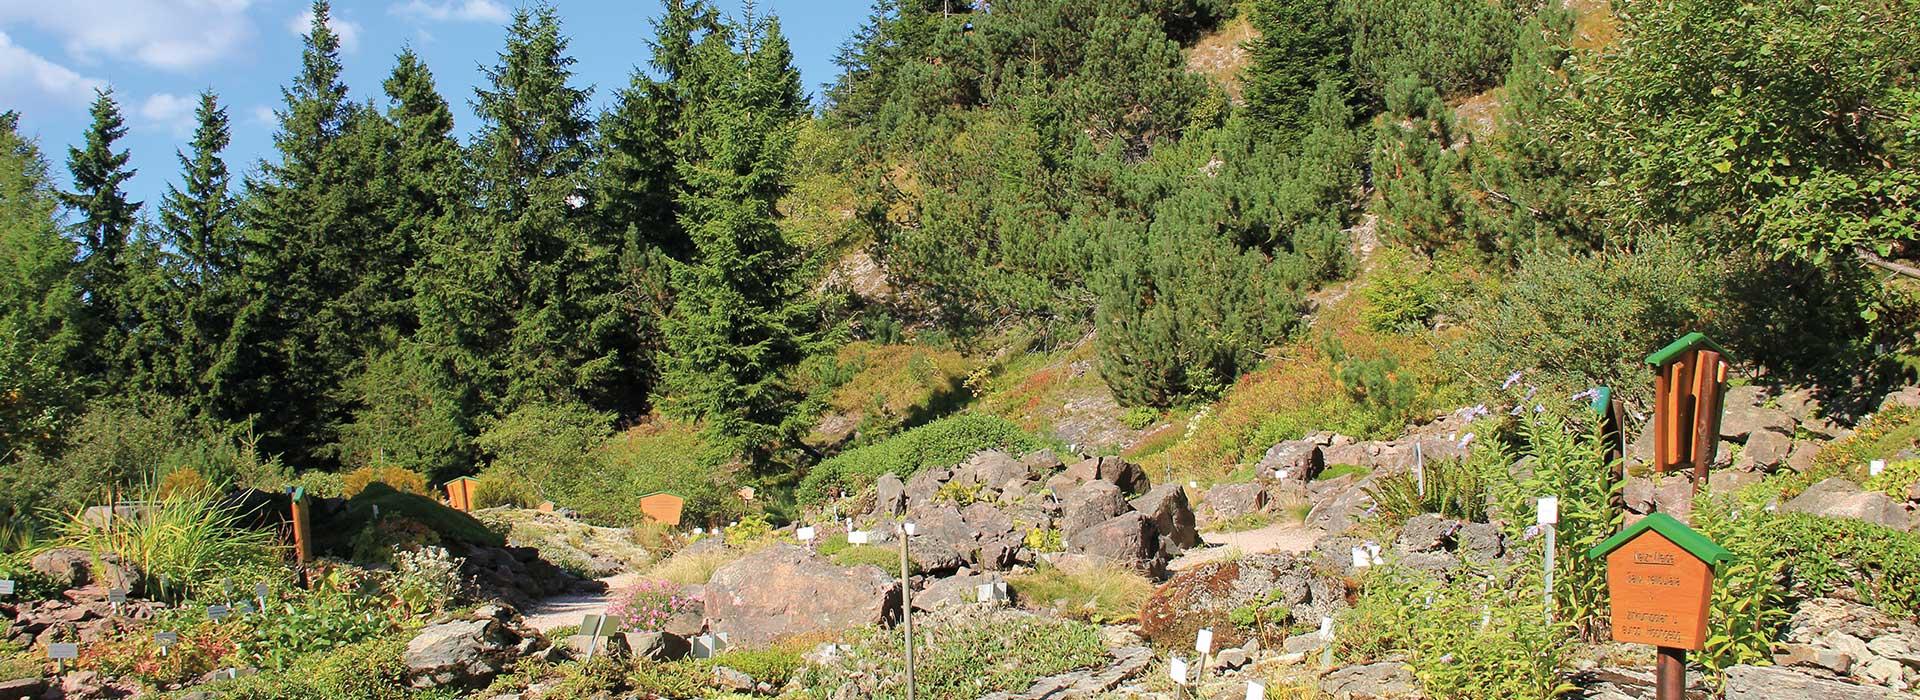 Rennsteiggarten Oberhof Schaunanlage Ausflug für Gruppen